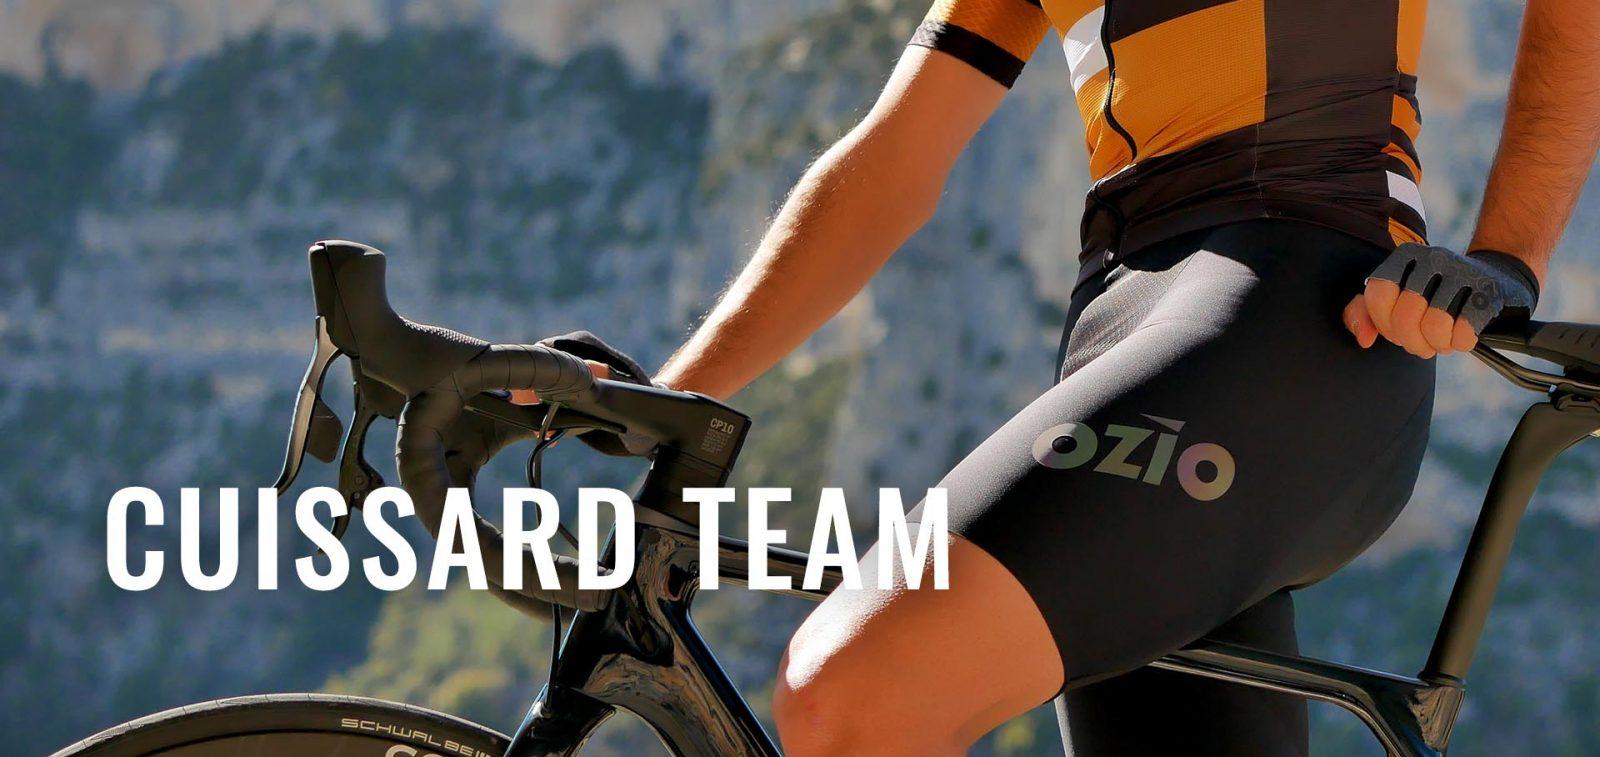 TEAM black cycling shorts